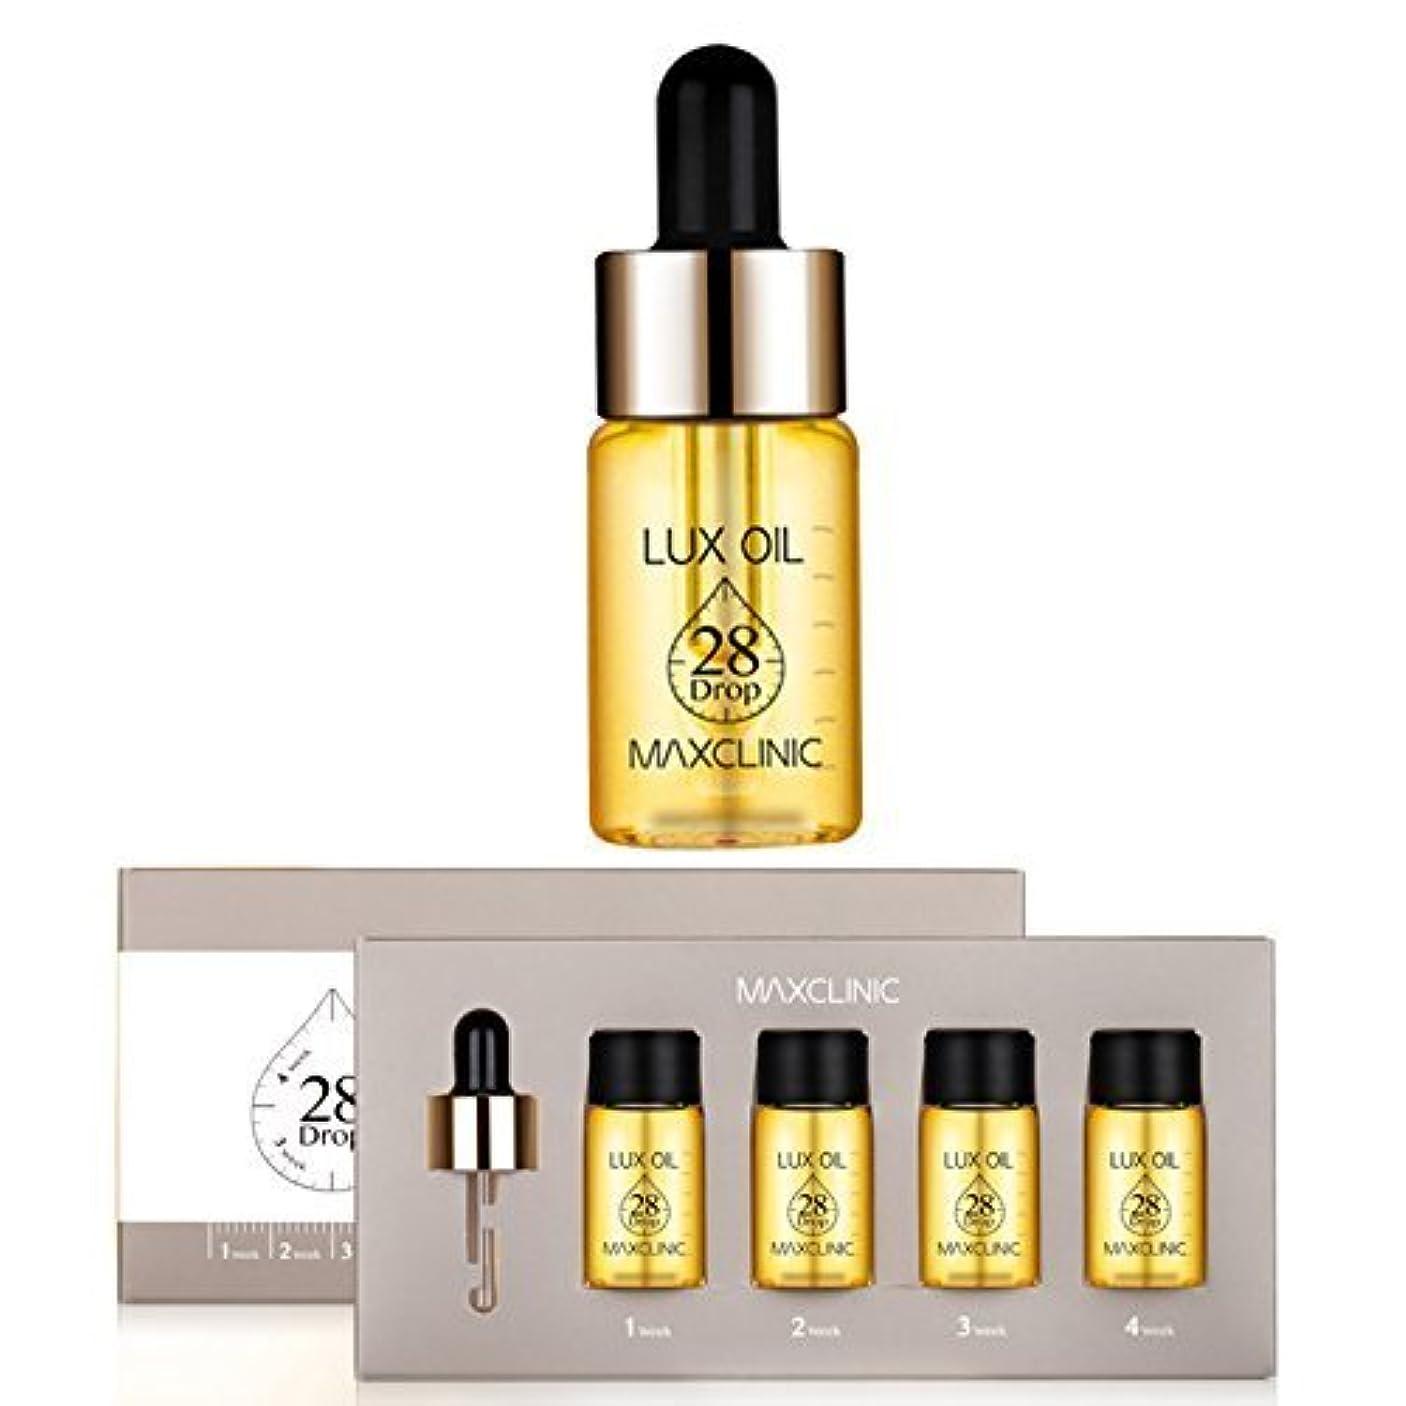 恥ずかしい浮くトマトマックスクリニック[韓国コスメMaxclinic]Lux Oil 28 Drop,Luxury spa oil ampoules ラックスオイル28ドロップ、ラグジュアリースパオイルアンプル10mlX4個 [並行輸入品]